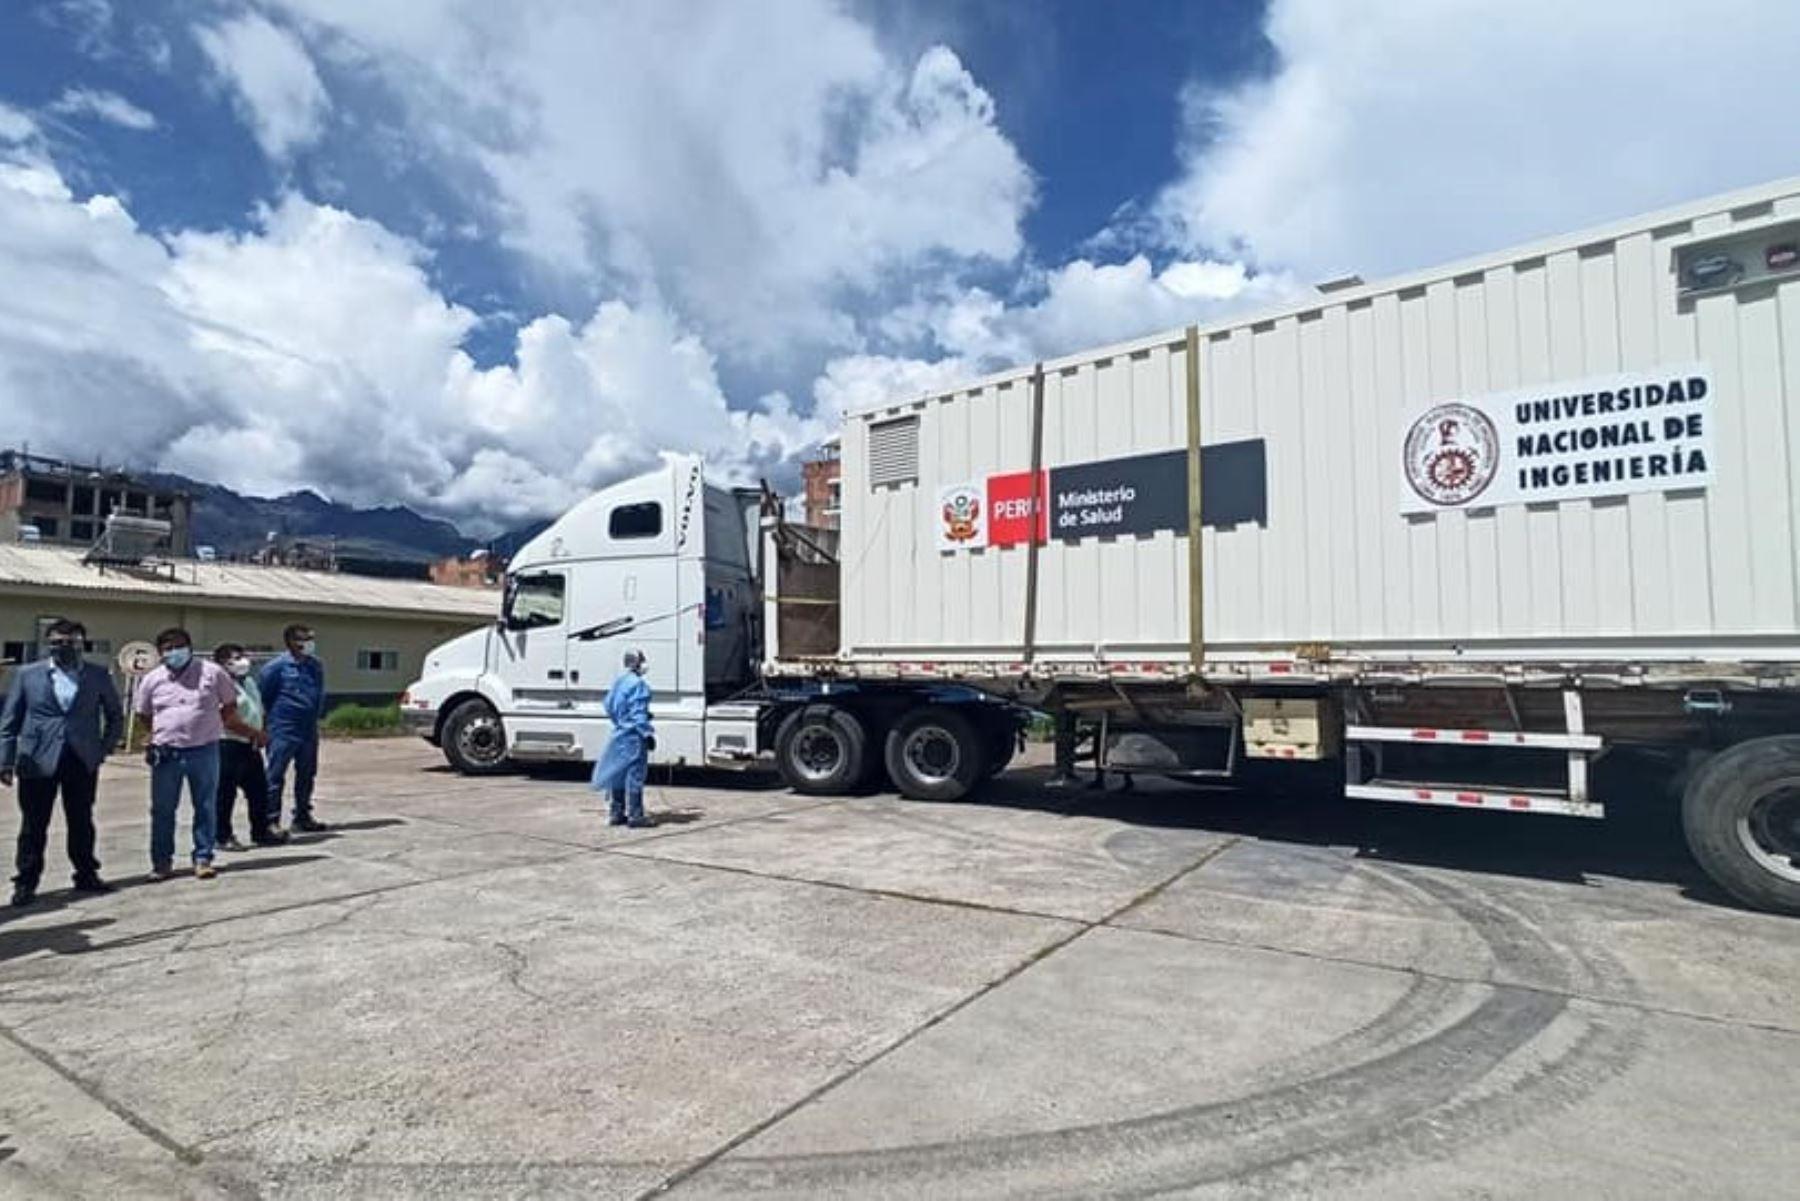 Planta móvil de oxígeno medicinal diseñada y ensamblada por la UNI inicia operaciones el martes 9 de marzo en Huaraz. Foto: ANDINA/Difusión